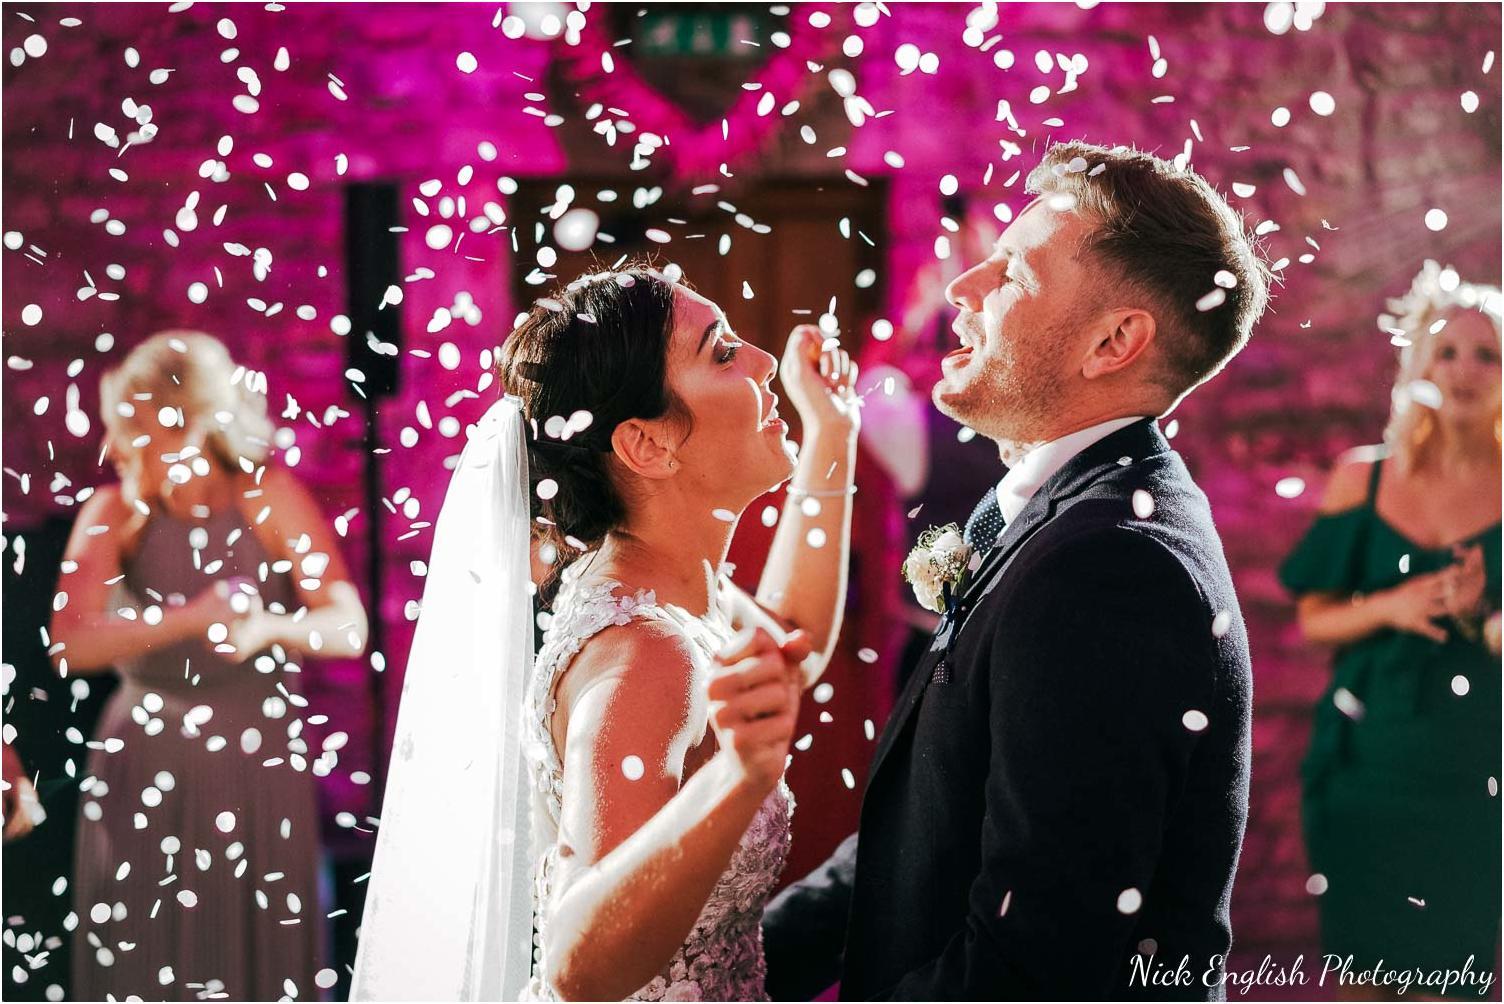 Browsholme_Hall_Barn_Wedding_Nick_English_Photography-195.jpg